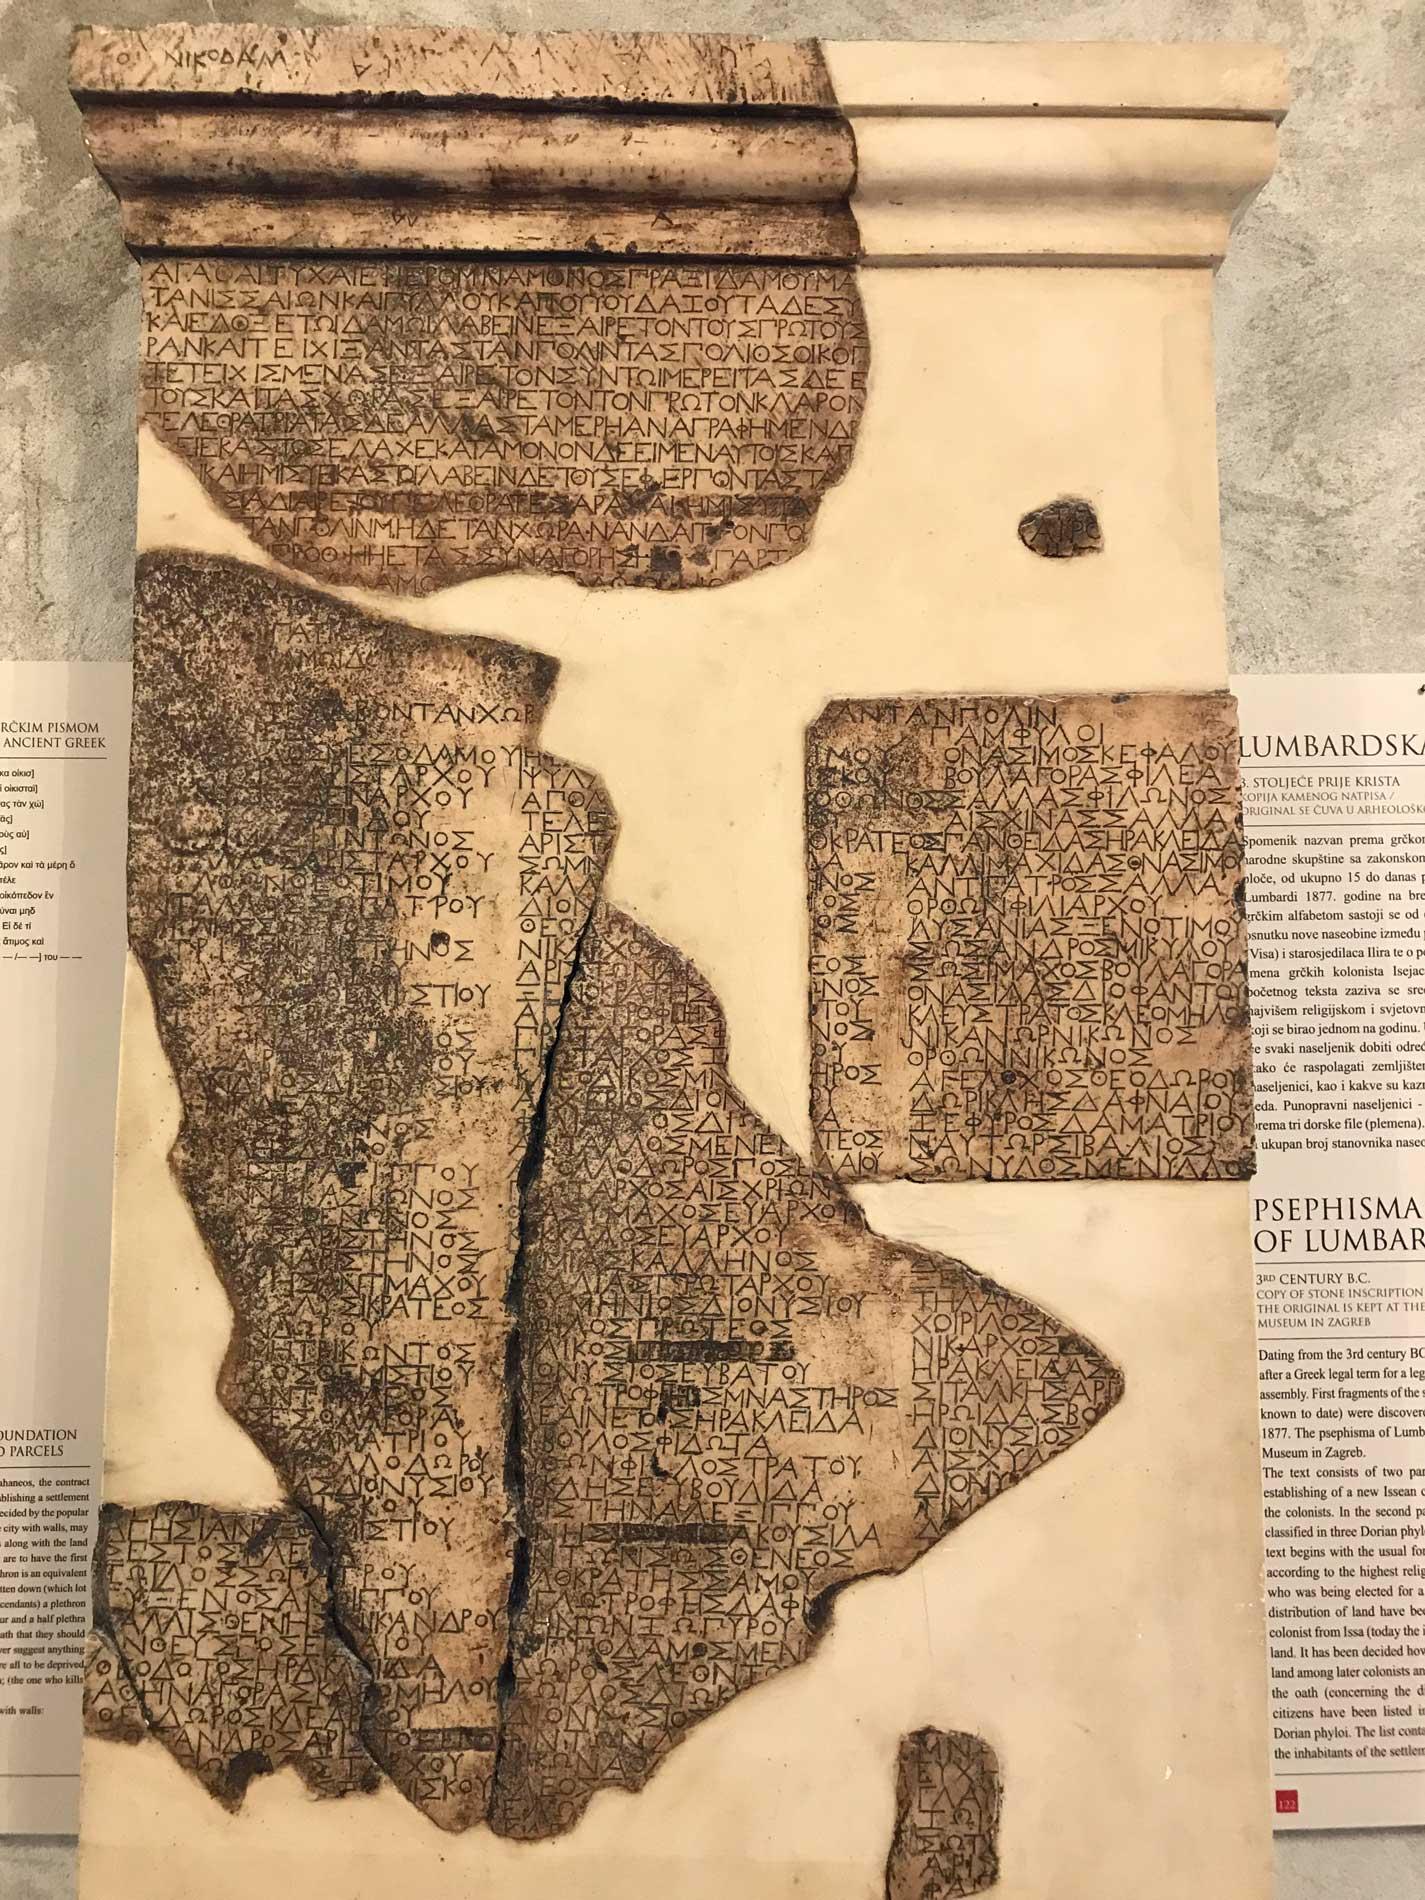 Korcula-Curzola-Croazia-museo-civico-accordo-illiri-greci-codice